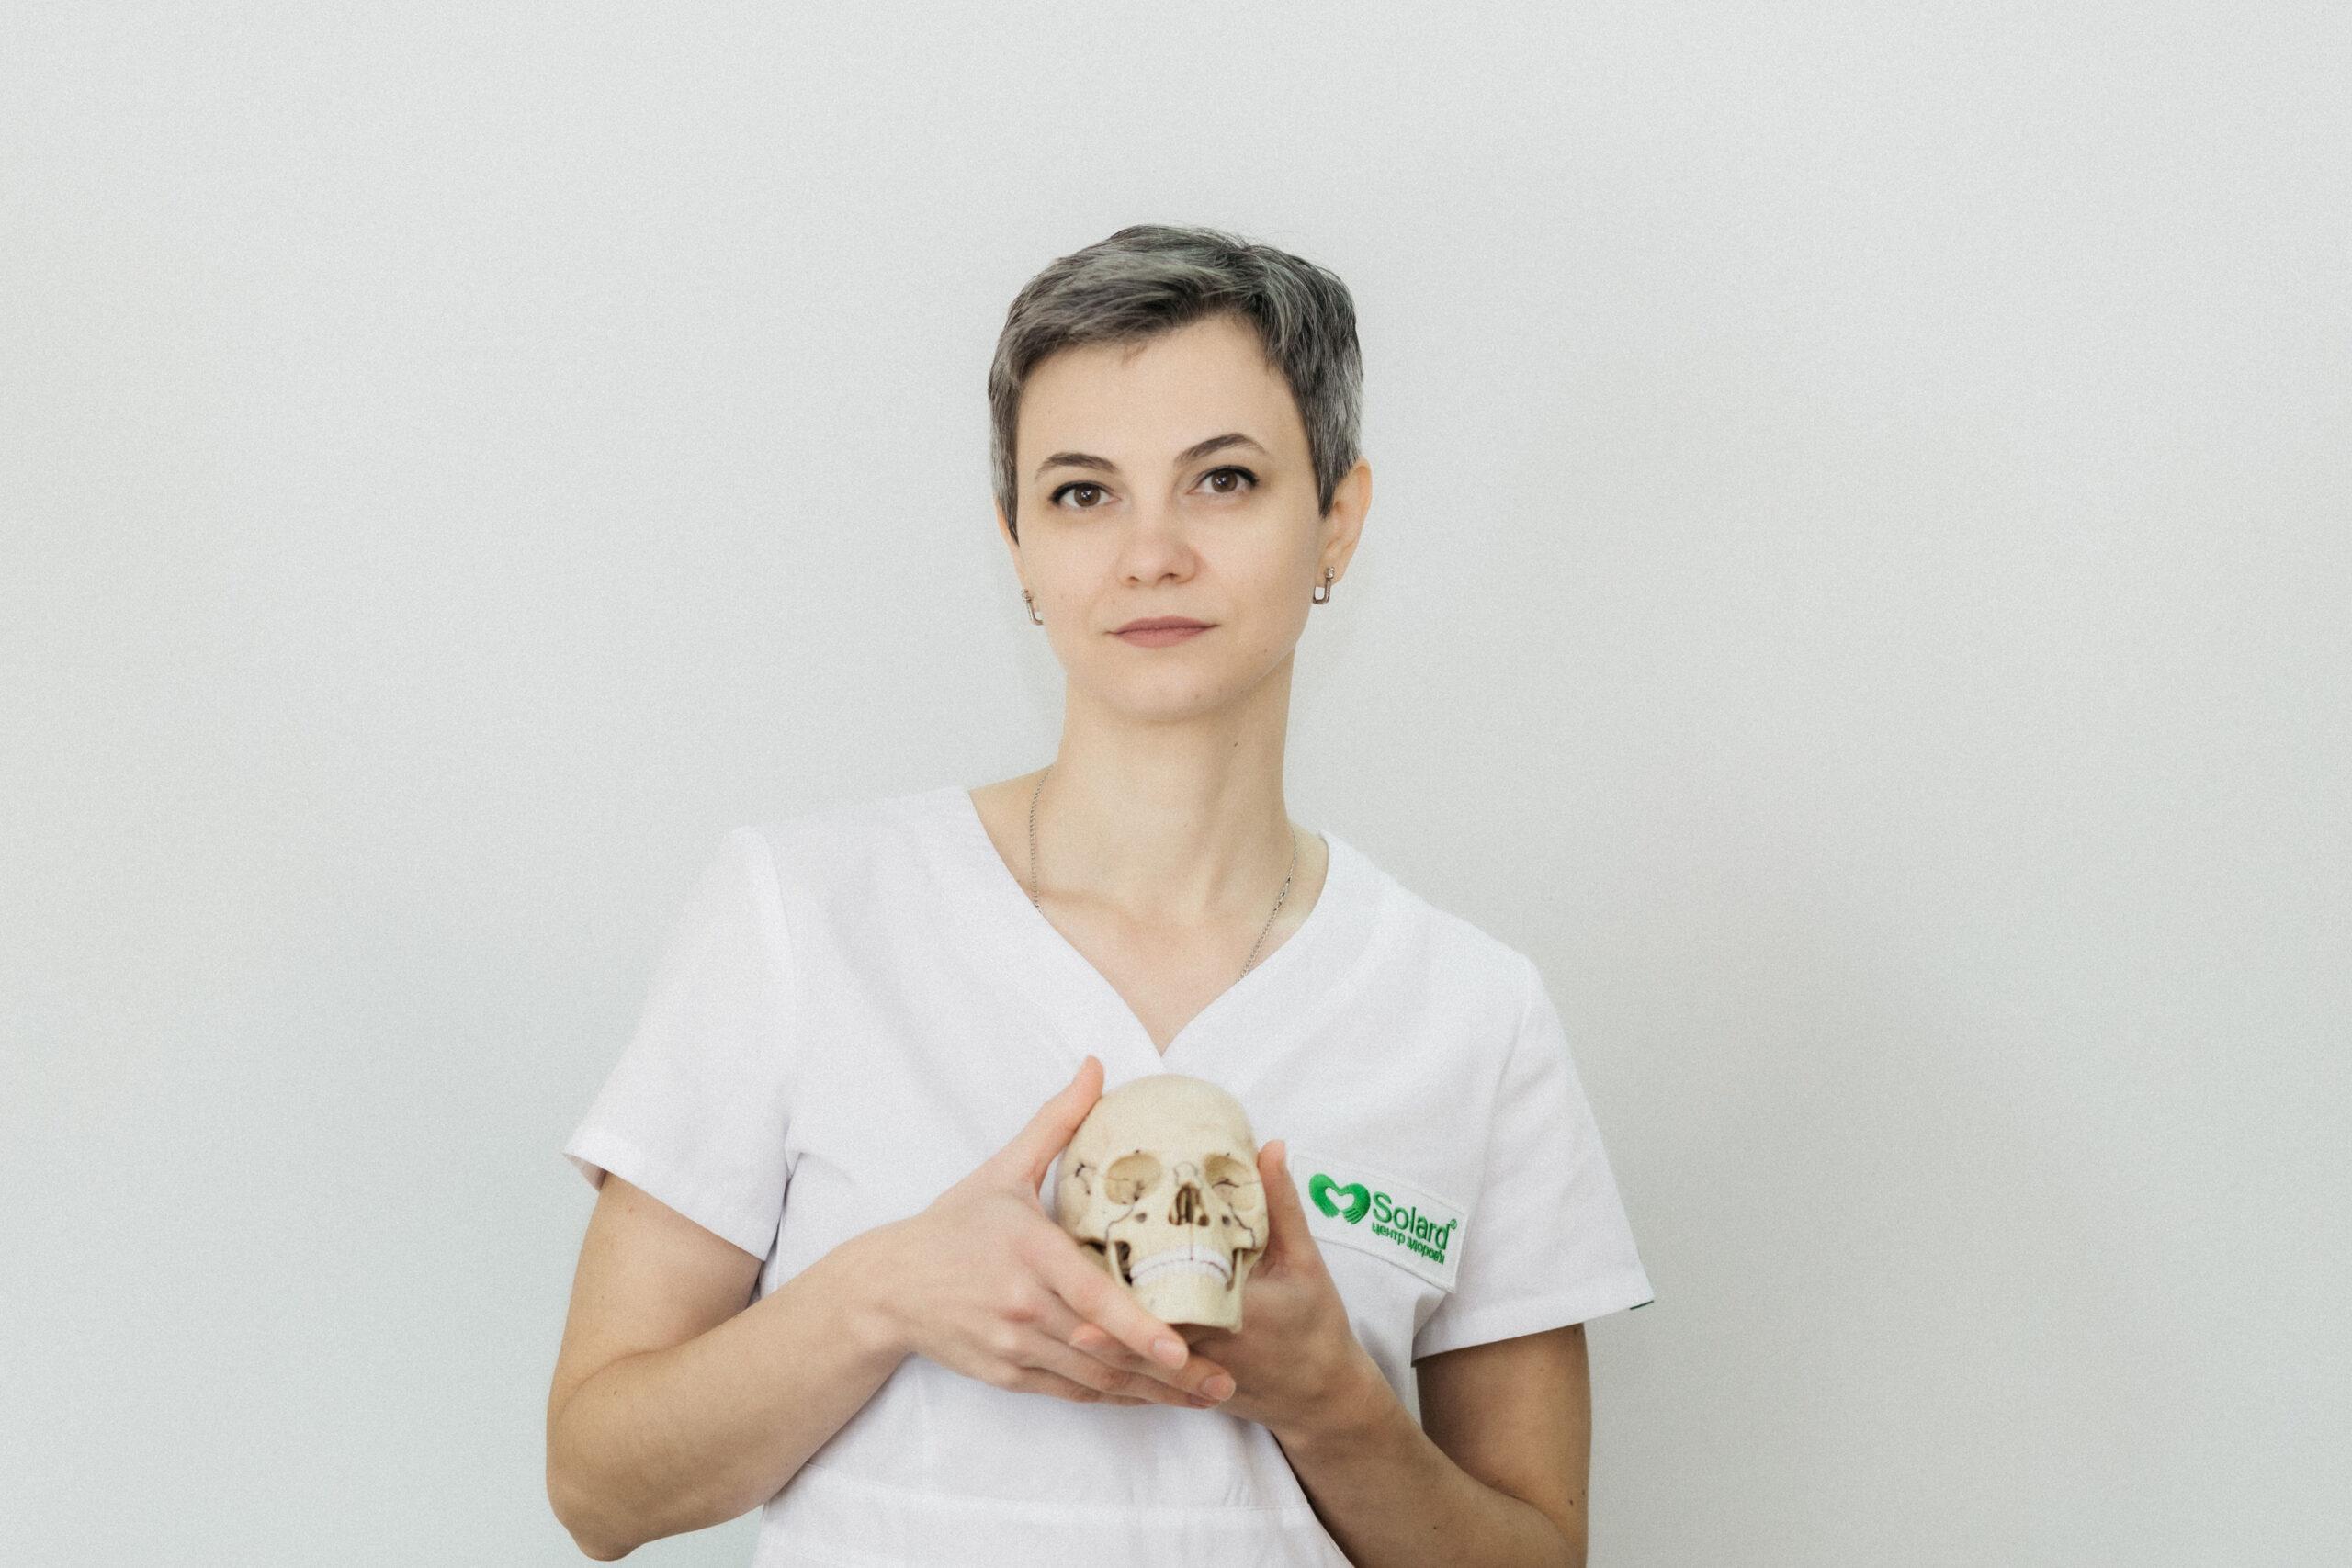 Центр здоров'я Solard - Островська Ольга Валеріївна - 1